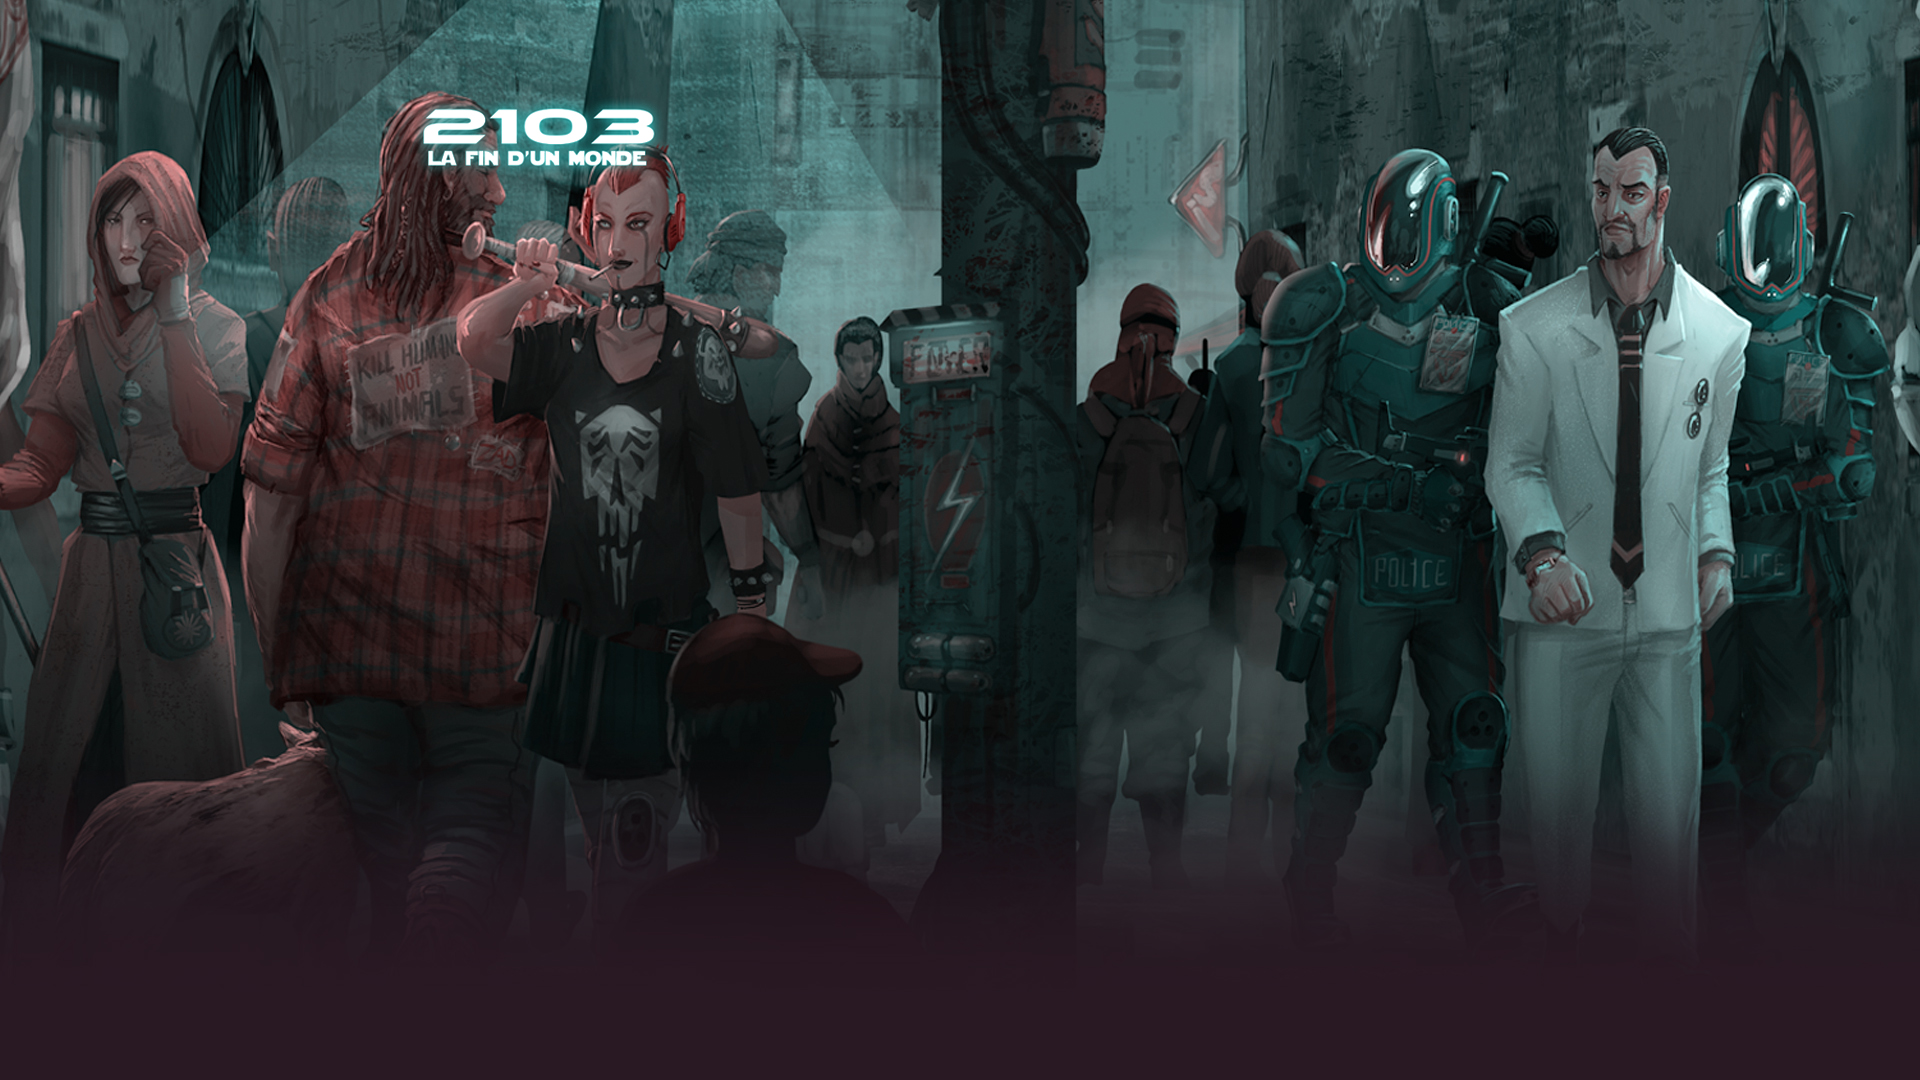 background 2103 - La fin d'un monde